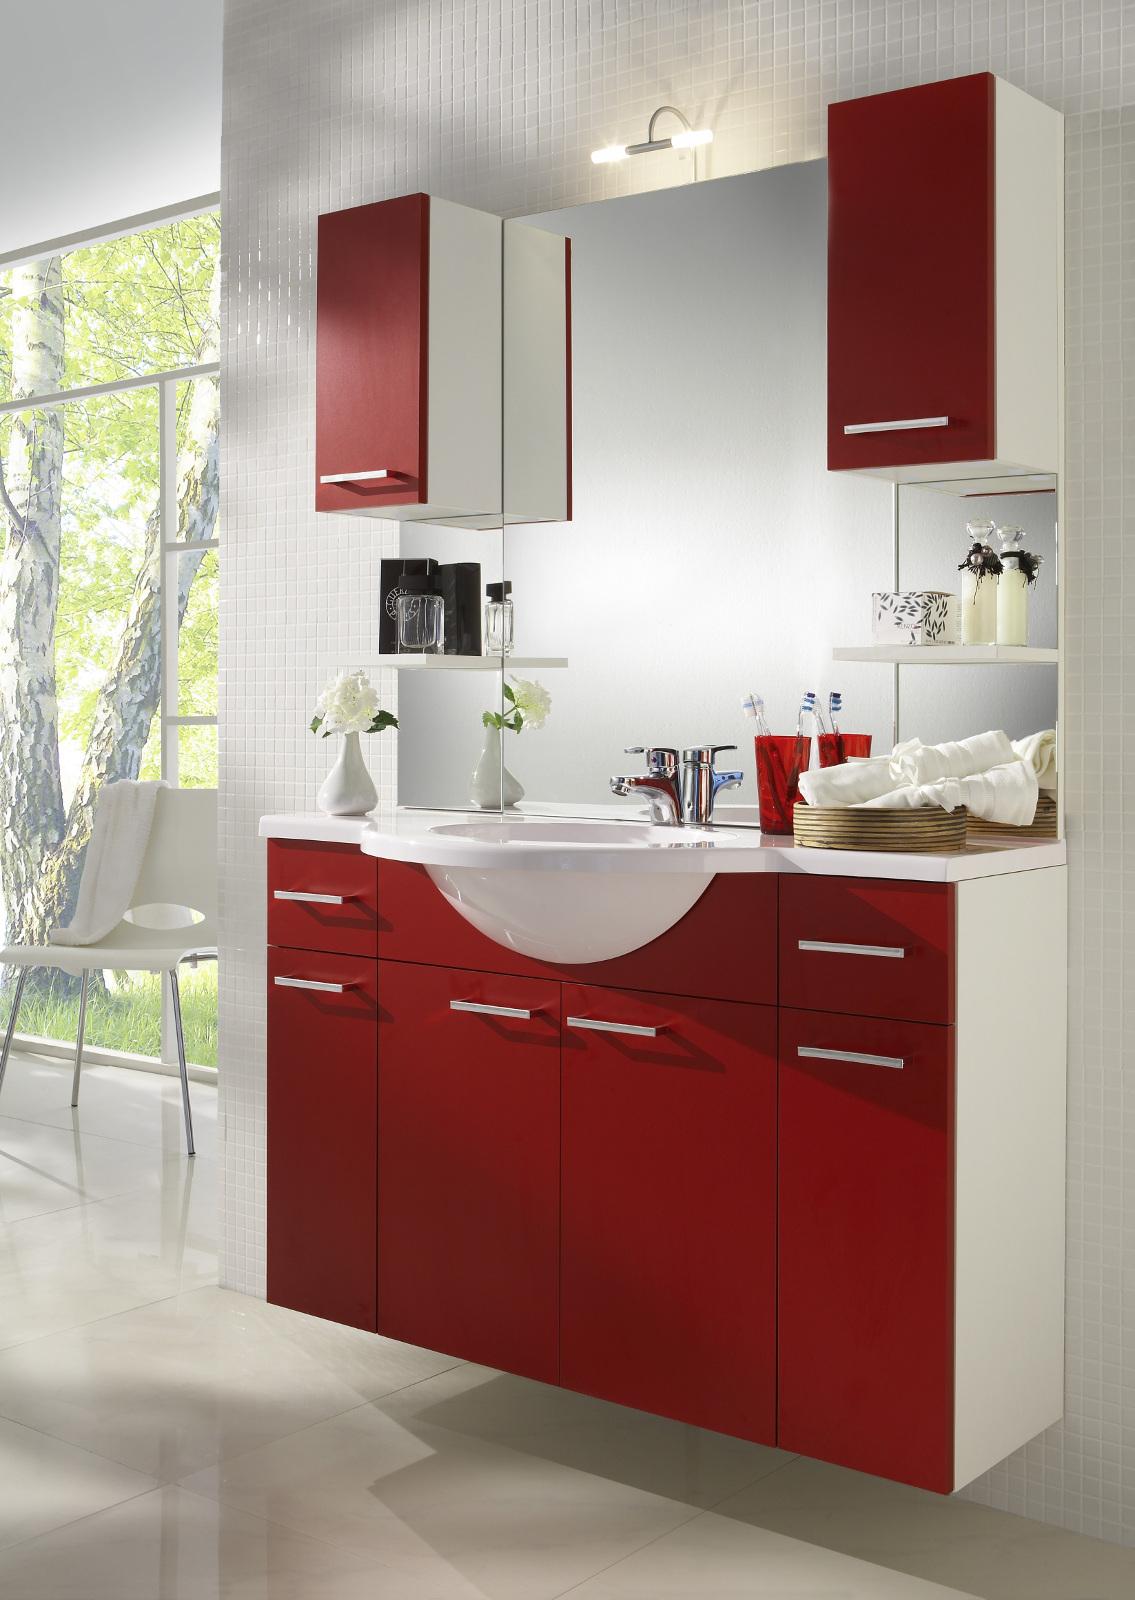 unterschrank mit einlegeboden wei rot. Black Bedroom Furniture Sets. Home Design Ideas